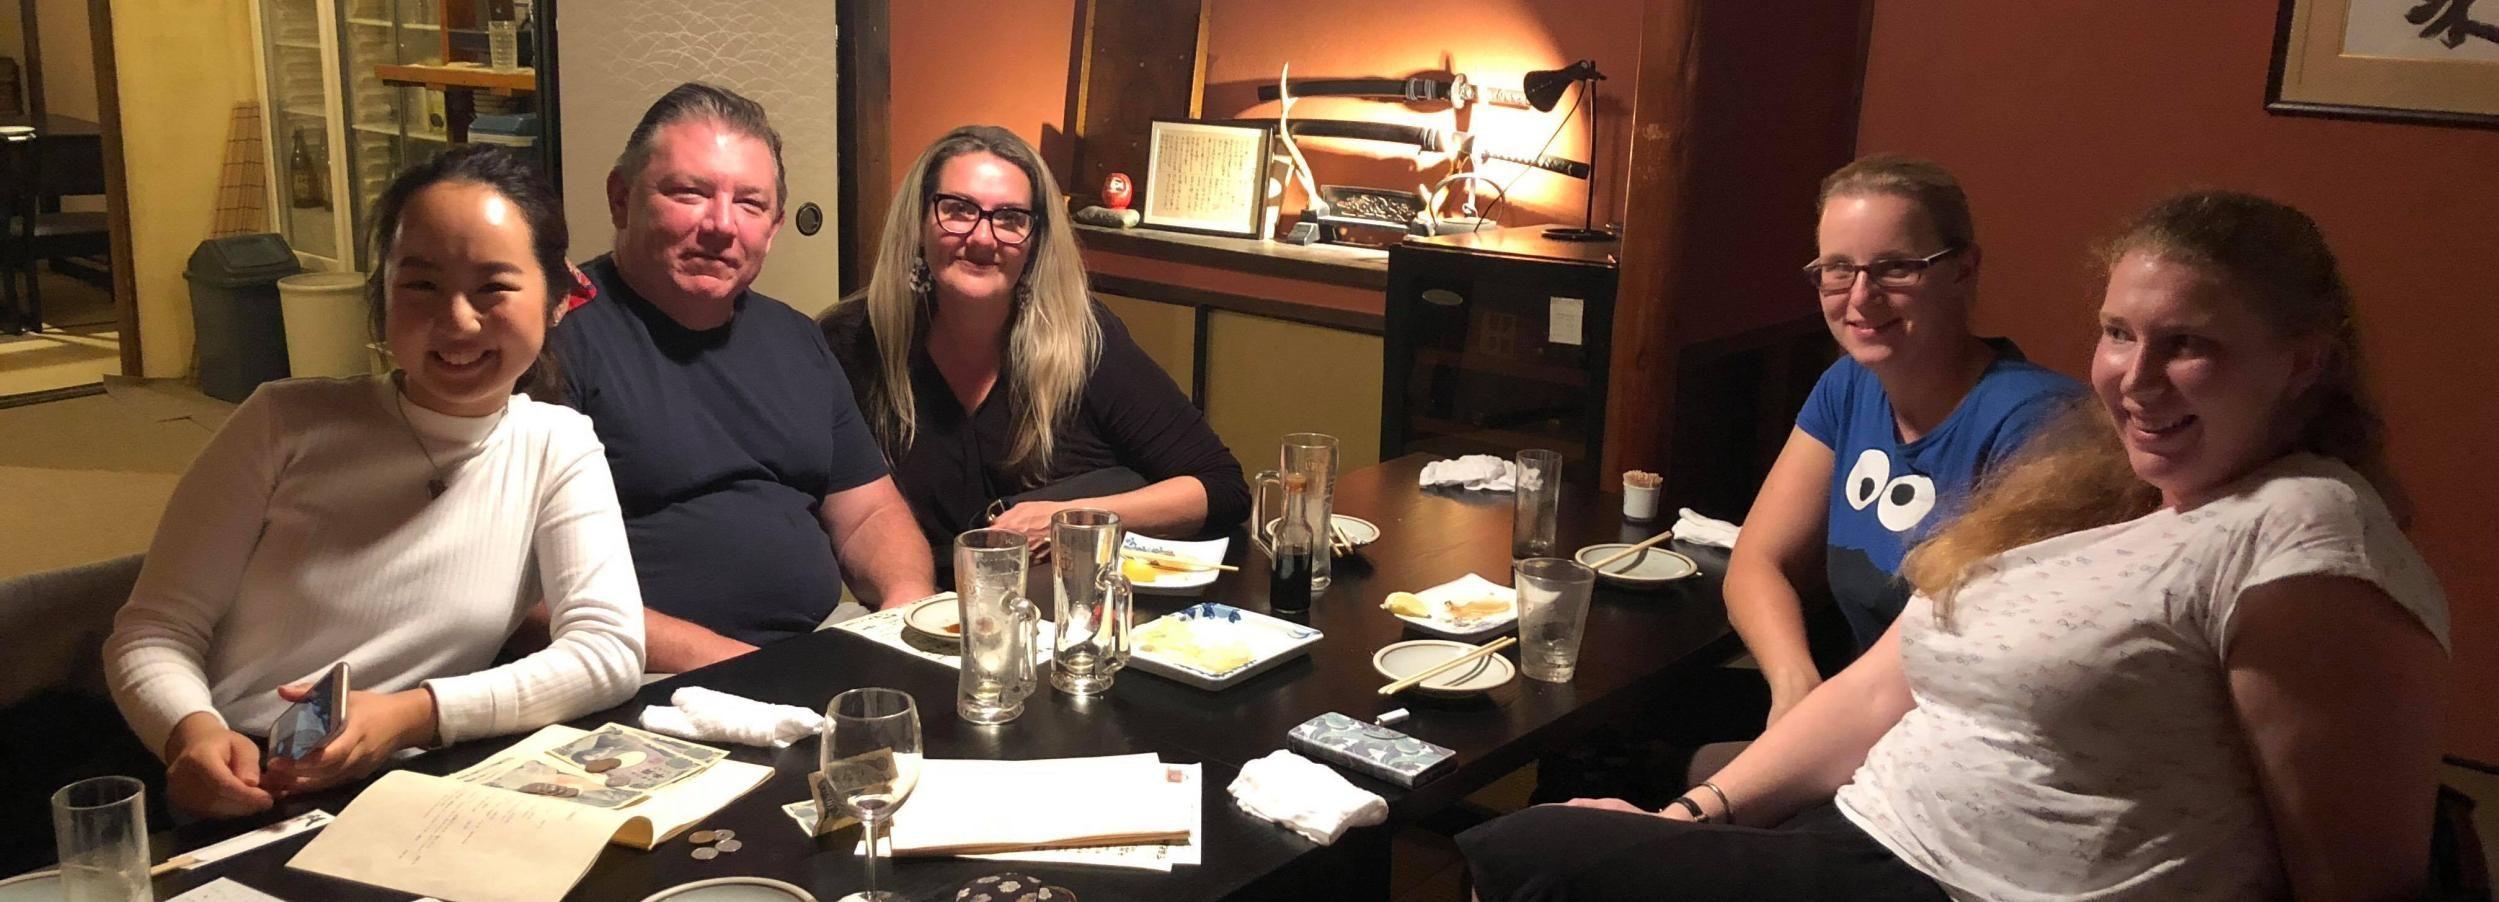 Kioto: tour gastronómico guiado de 3 horas en Gion por la noche